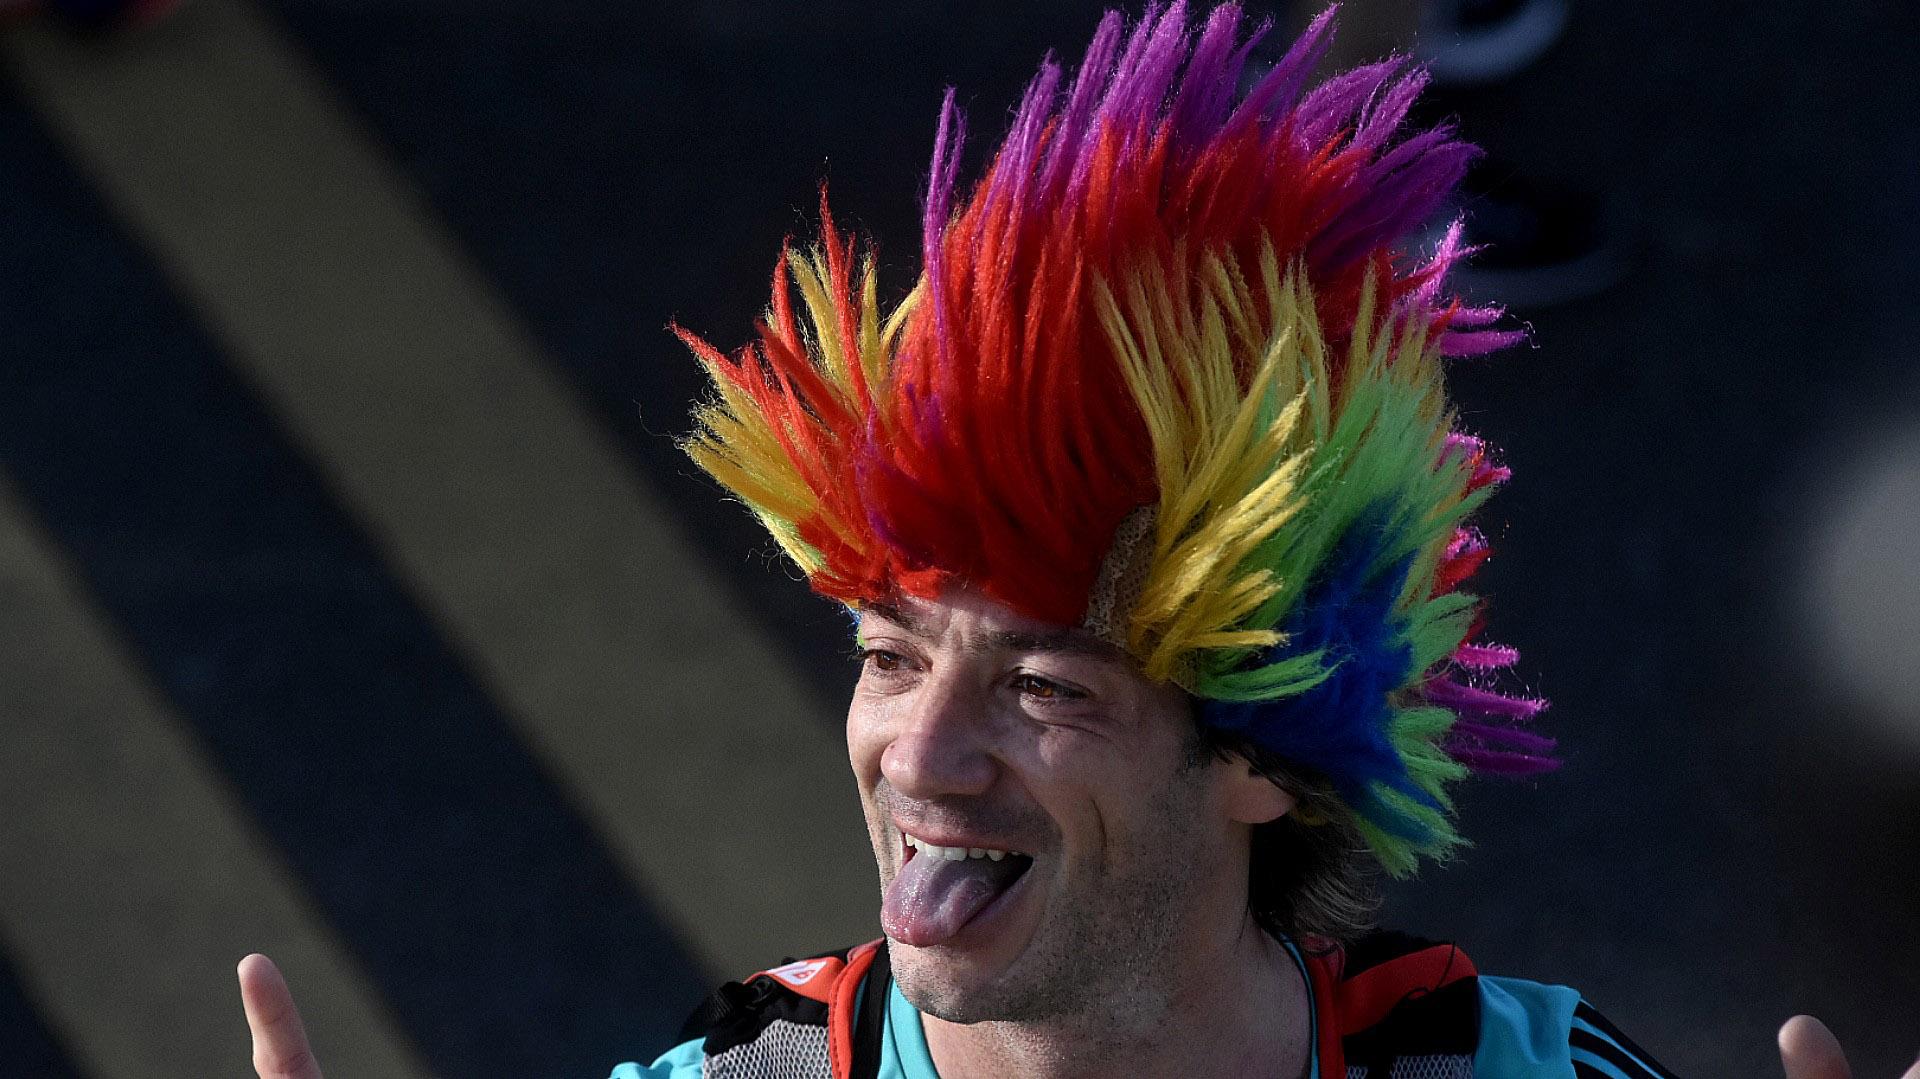 Algunos fueron disfrazados, con pelucas de colores